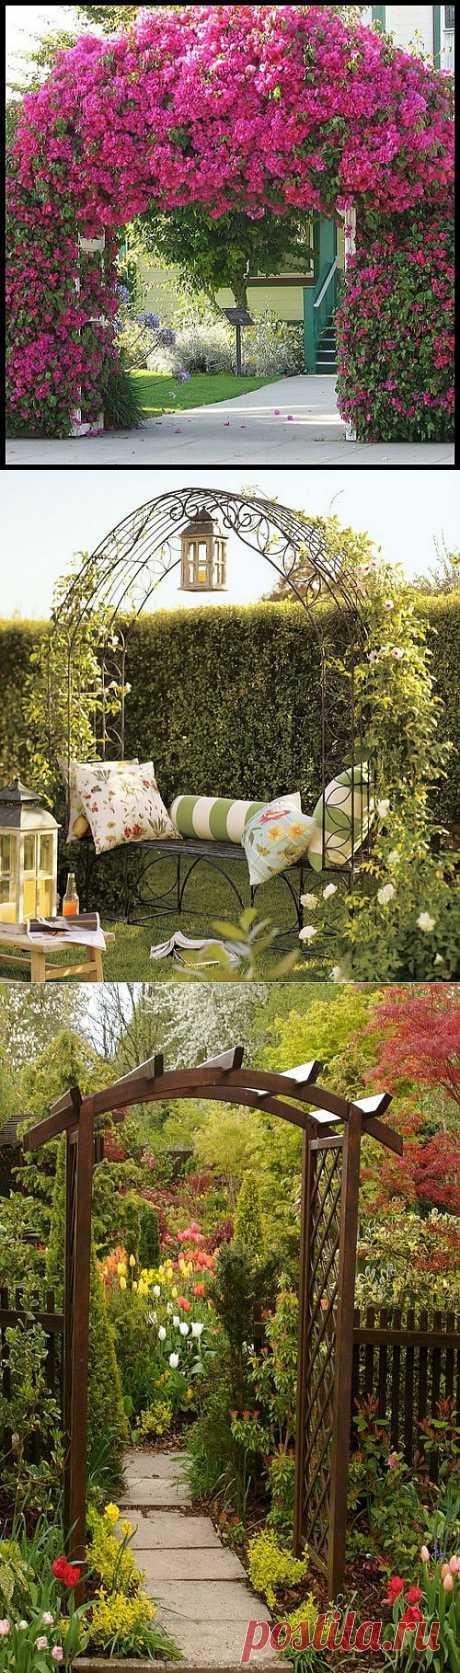 Садовая арка. Выбор конструкции и растений для садовой арки.